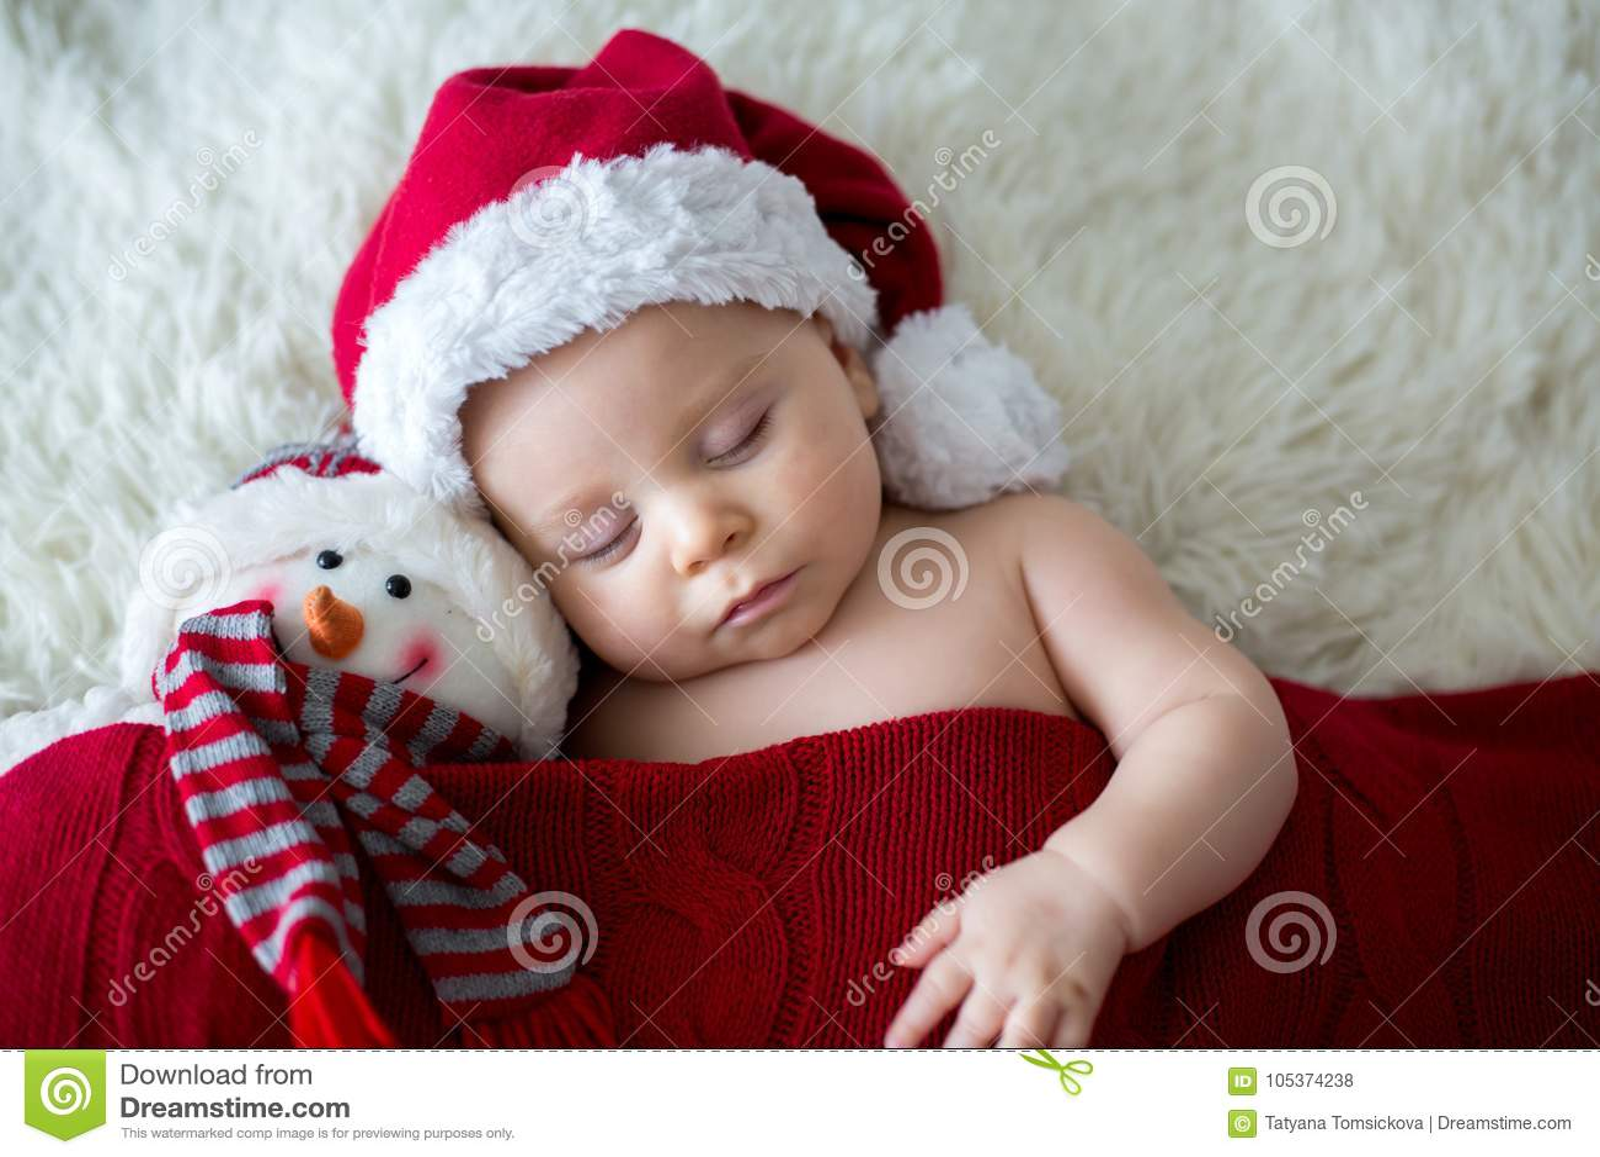 2b1106ac3a4c3 Little Sleeping Newborn Baby Boy